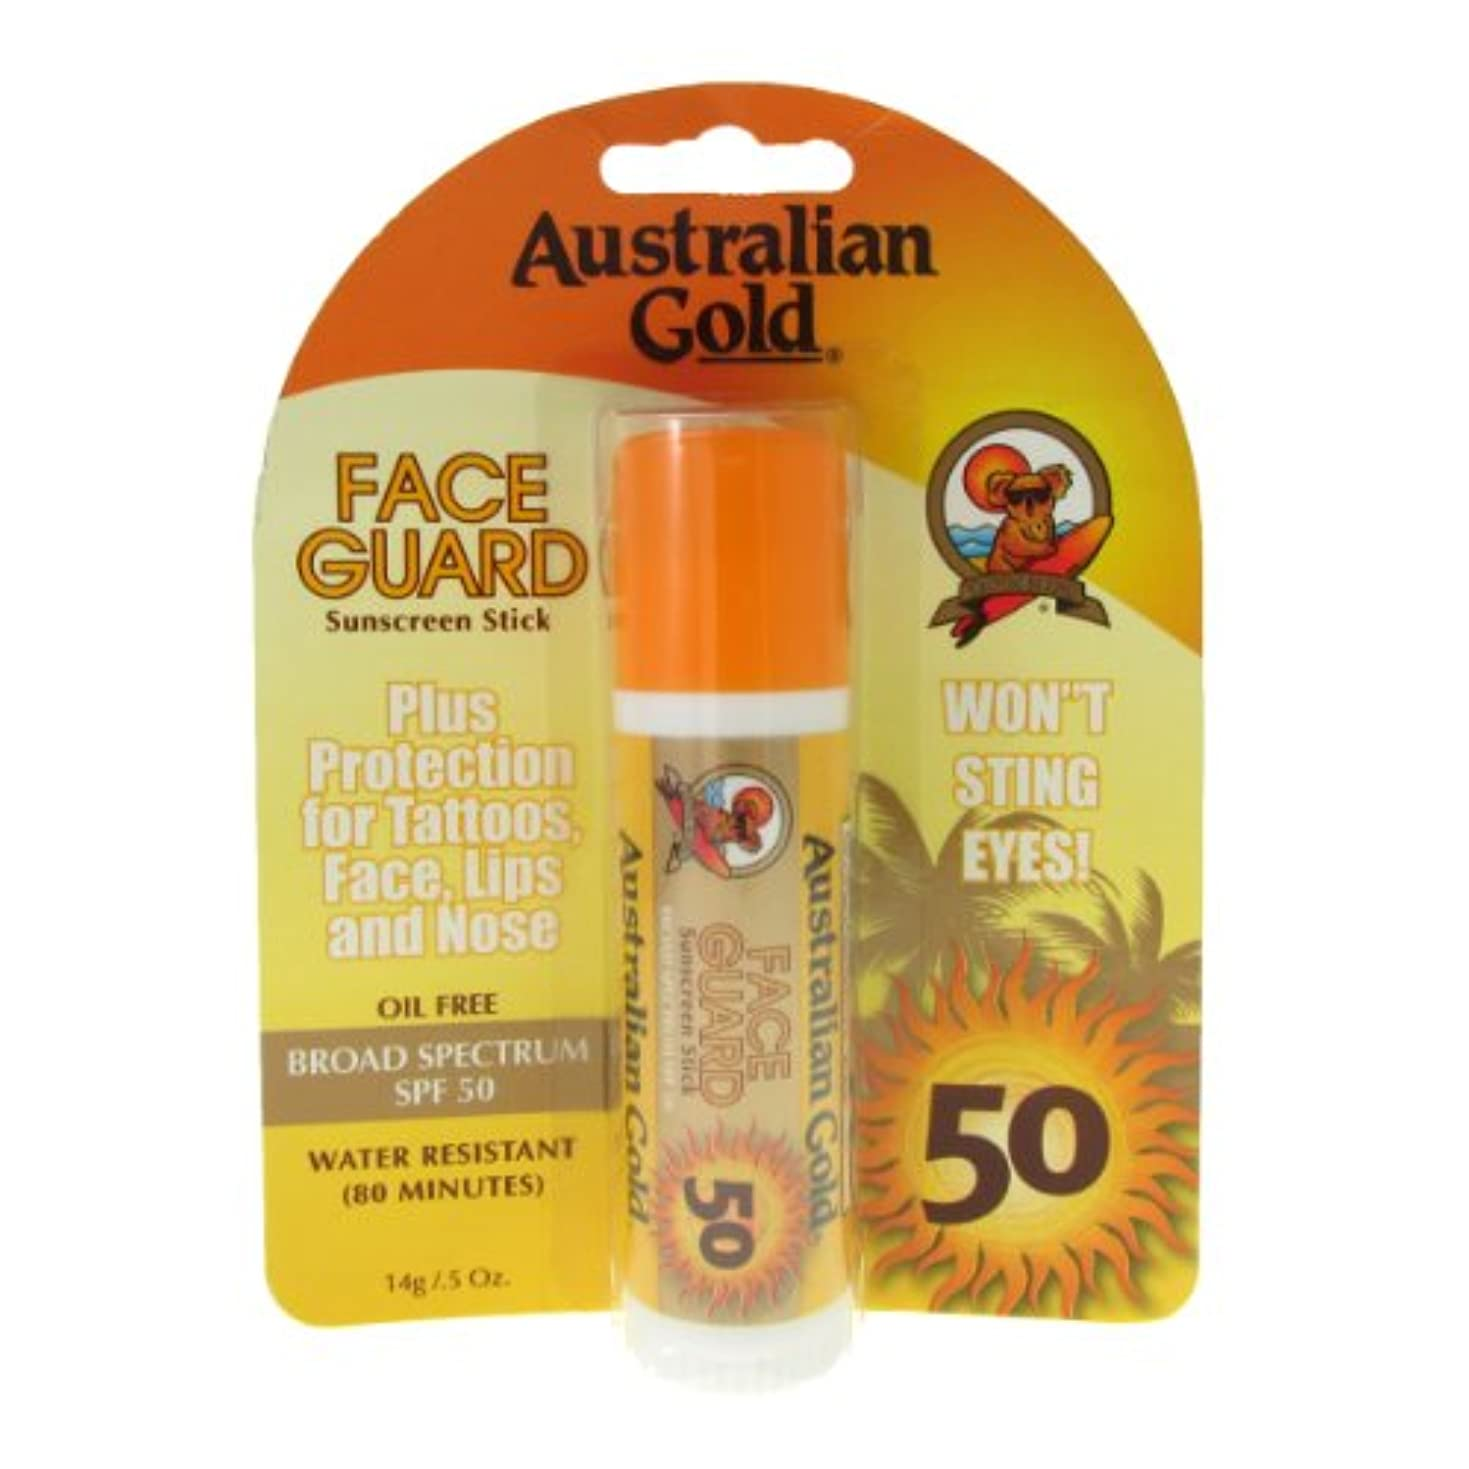 過ちビン反響するAustralian Gold Face Guard Spf50 Stick 14gr [並行輸入品]